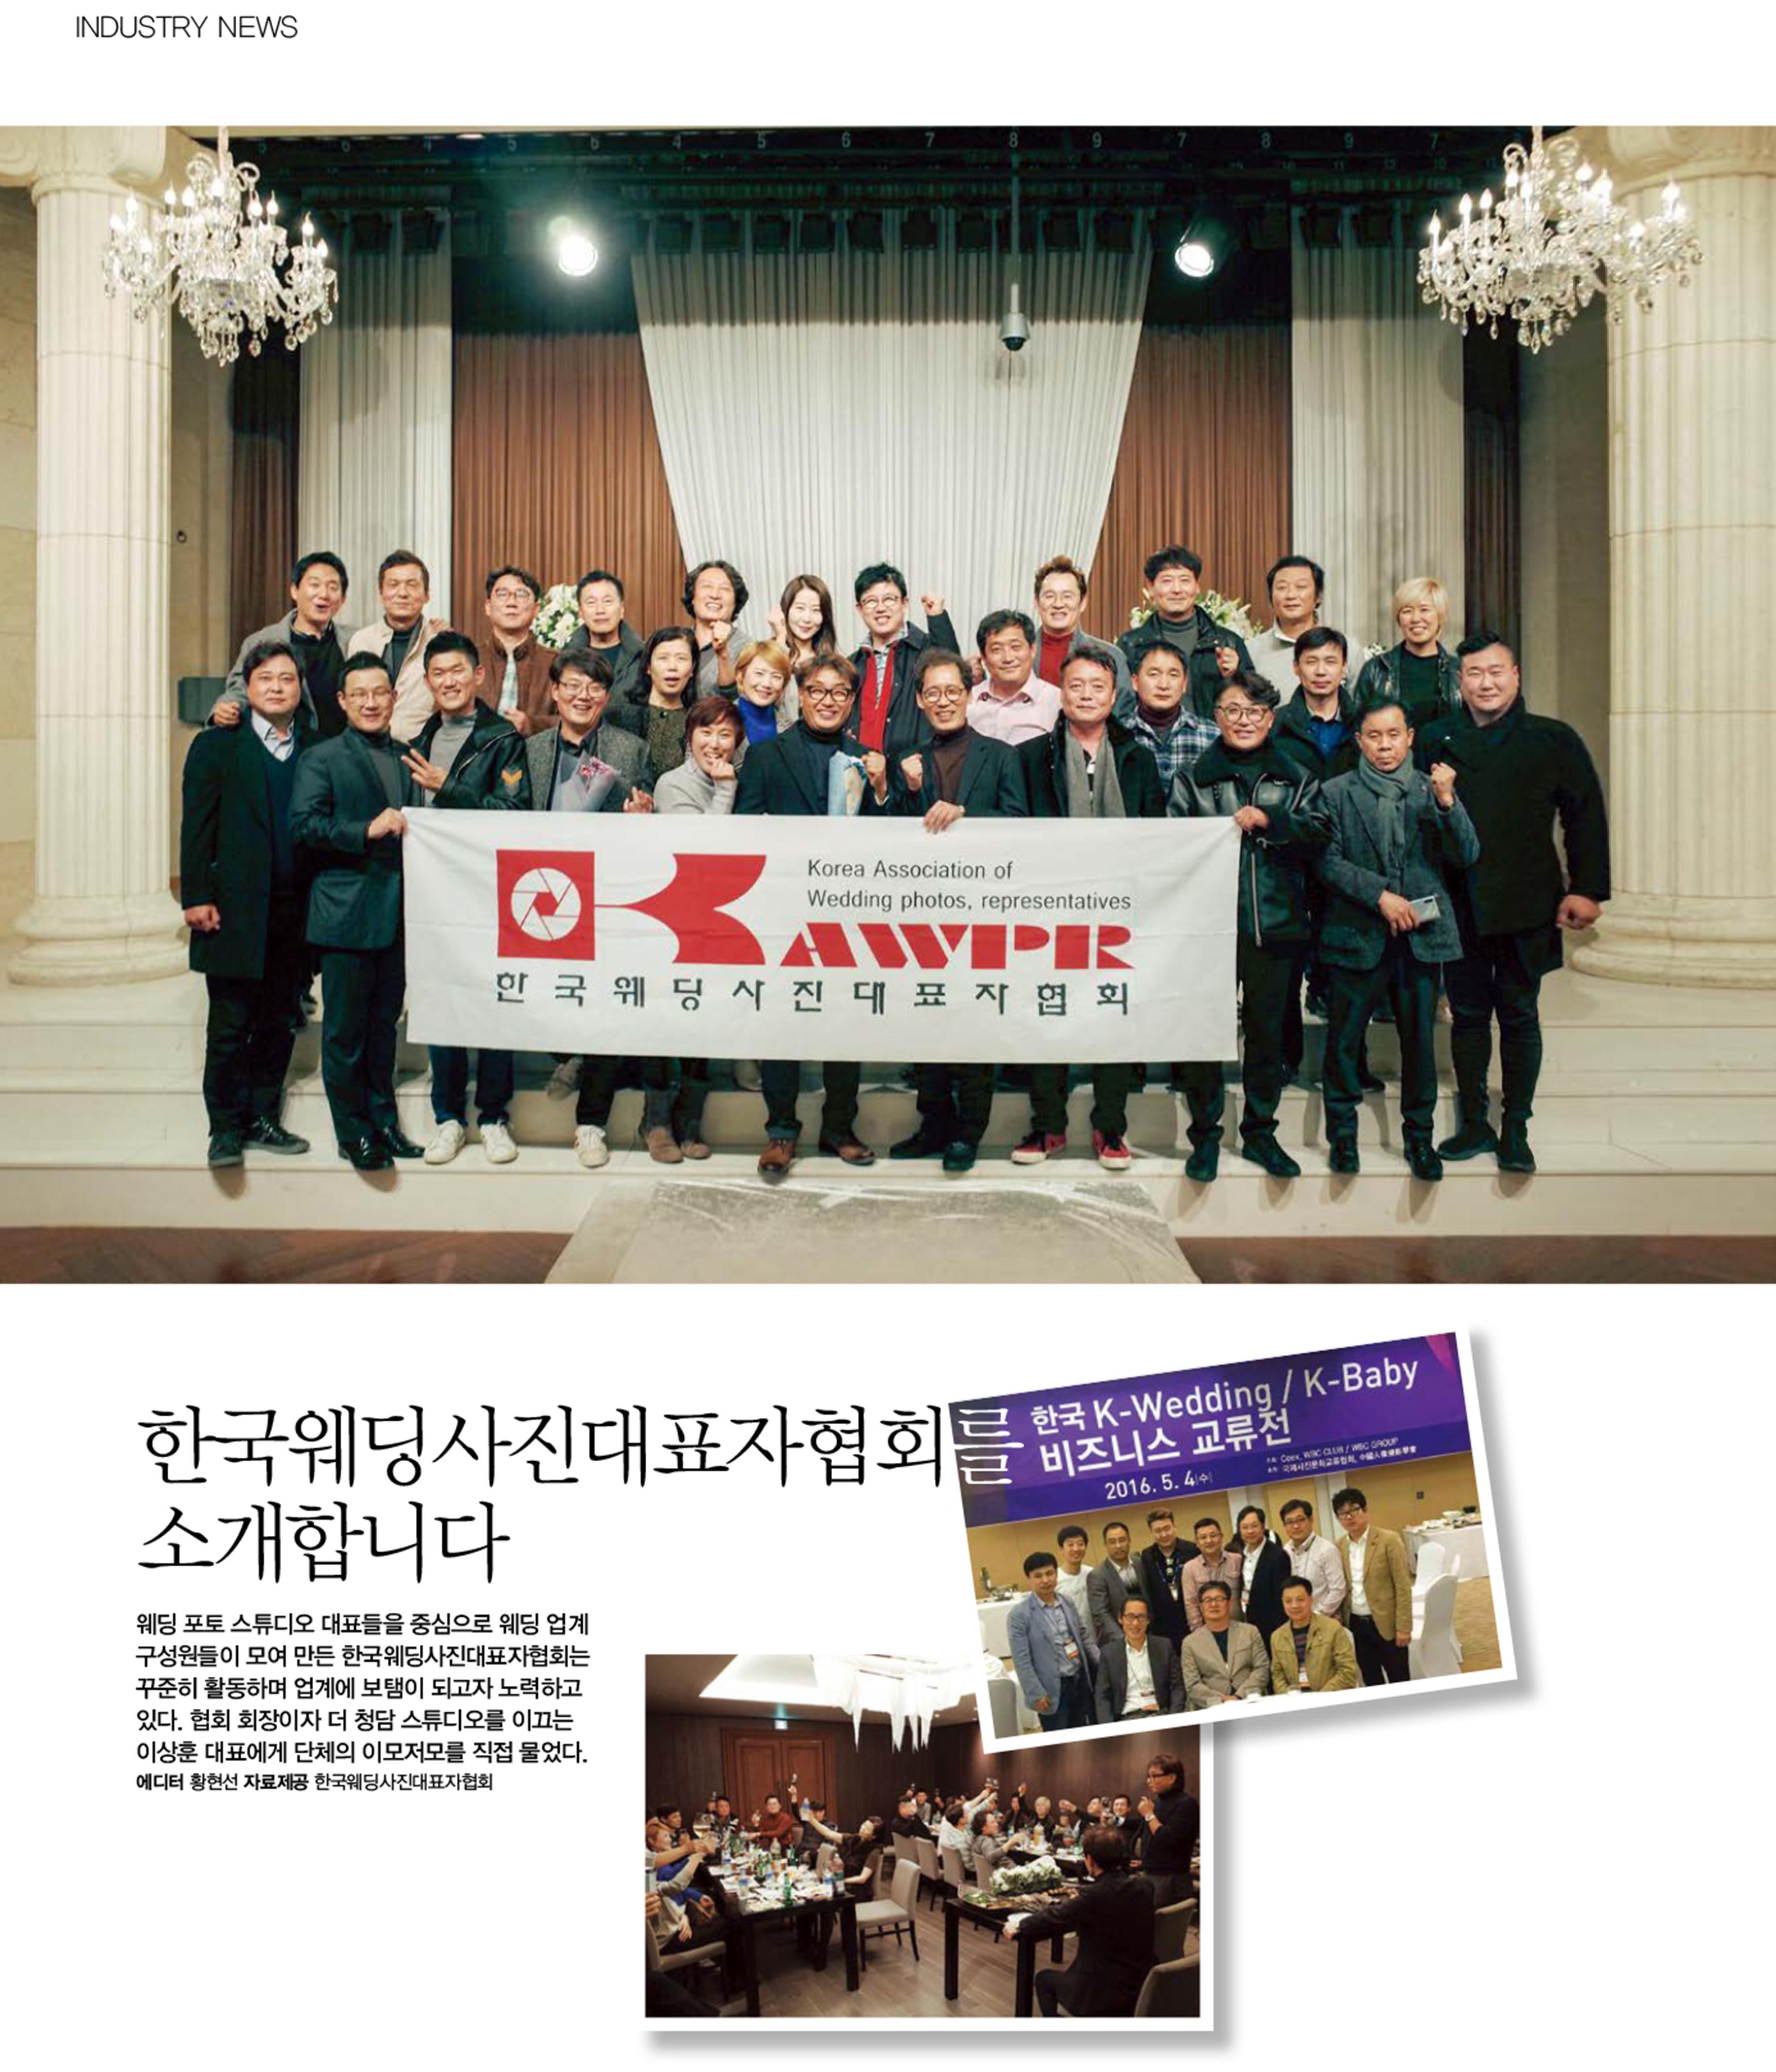 [월간 웨딩21 매거진] 한국웨딩사진대표자협회 회장직을 맡고 계시는 더청담(더캐슬용마랜드)스튜디오의 대표님 인터뷰 기사!